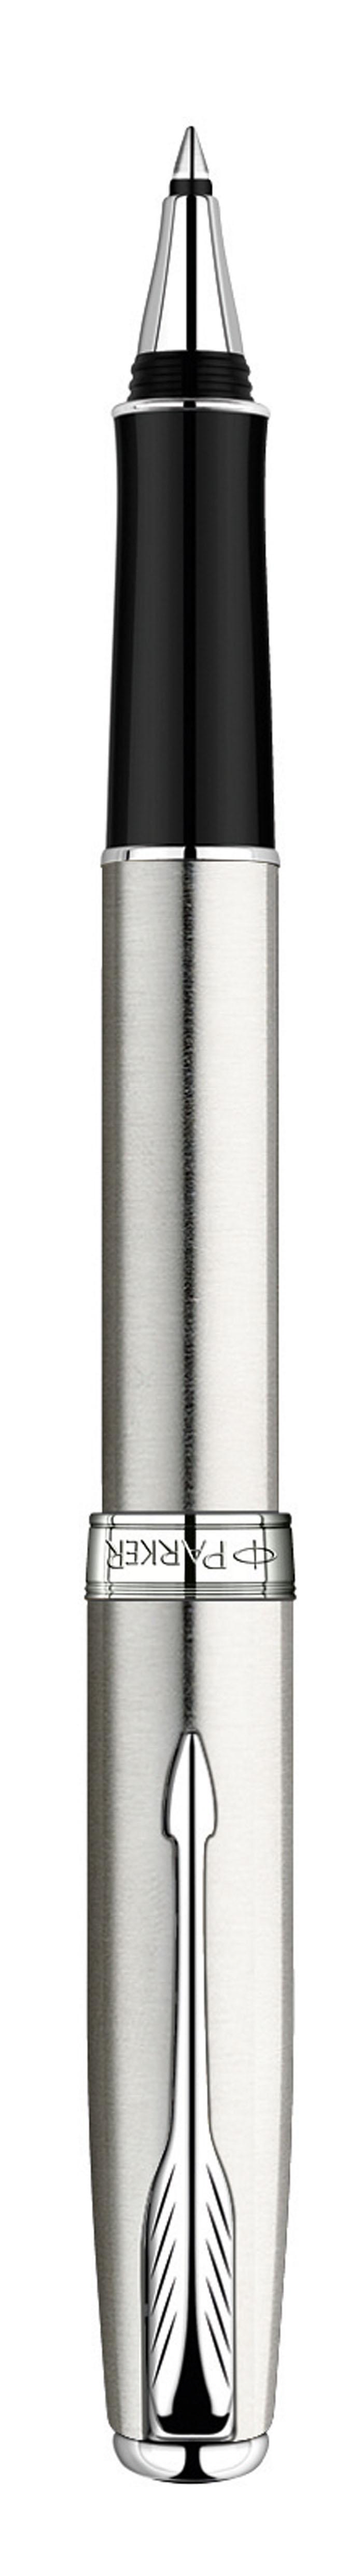 Parker Ручка-роллер Sonnet Stainless Steel СTPARKER-S0809230Механизм ручки: роллер со съемным колпачкомРазмер пишущего узла F (fine) - Тонкий 0.8 ммЦвет стержня: черный Выгравированный логотип PARKER на декоративном кольцеКомплектация: Фирменная упаковка, 1 стержень, руководство по эксплуатации с гарантийным талоном.